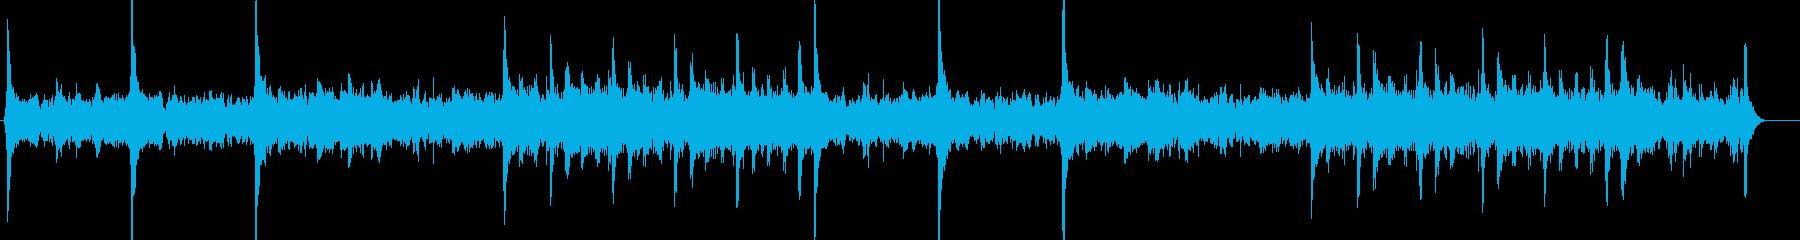 浸蝕(コールド・リップヘッド)の再生済みの波形